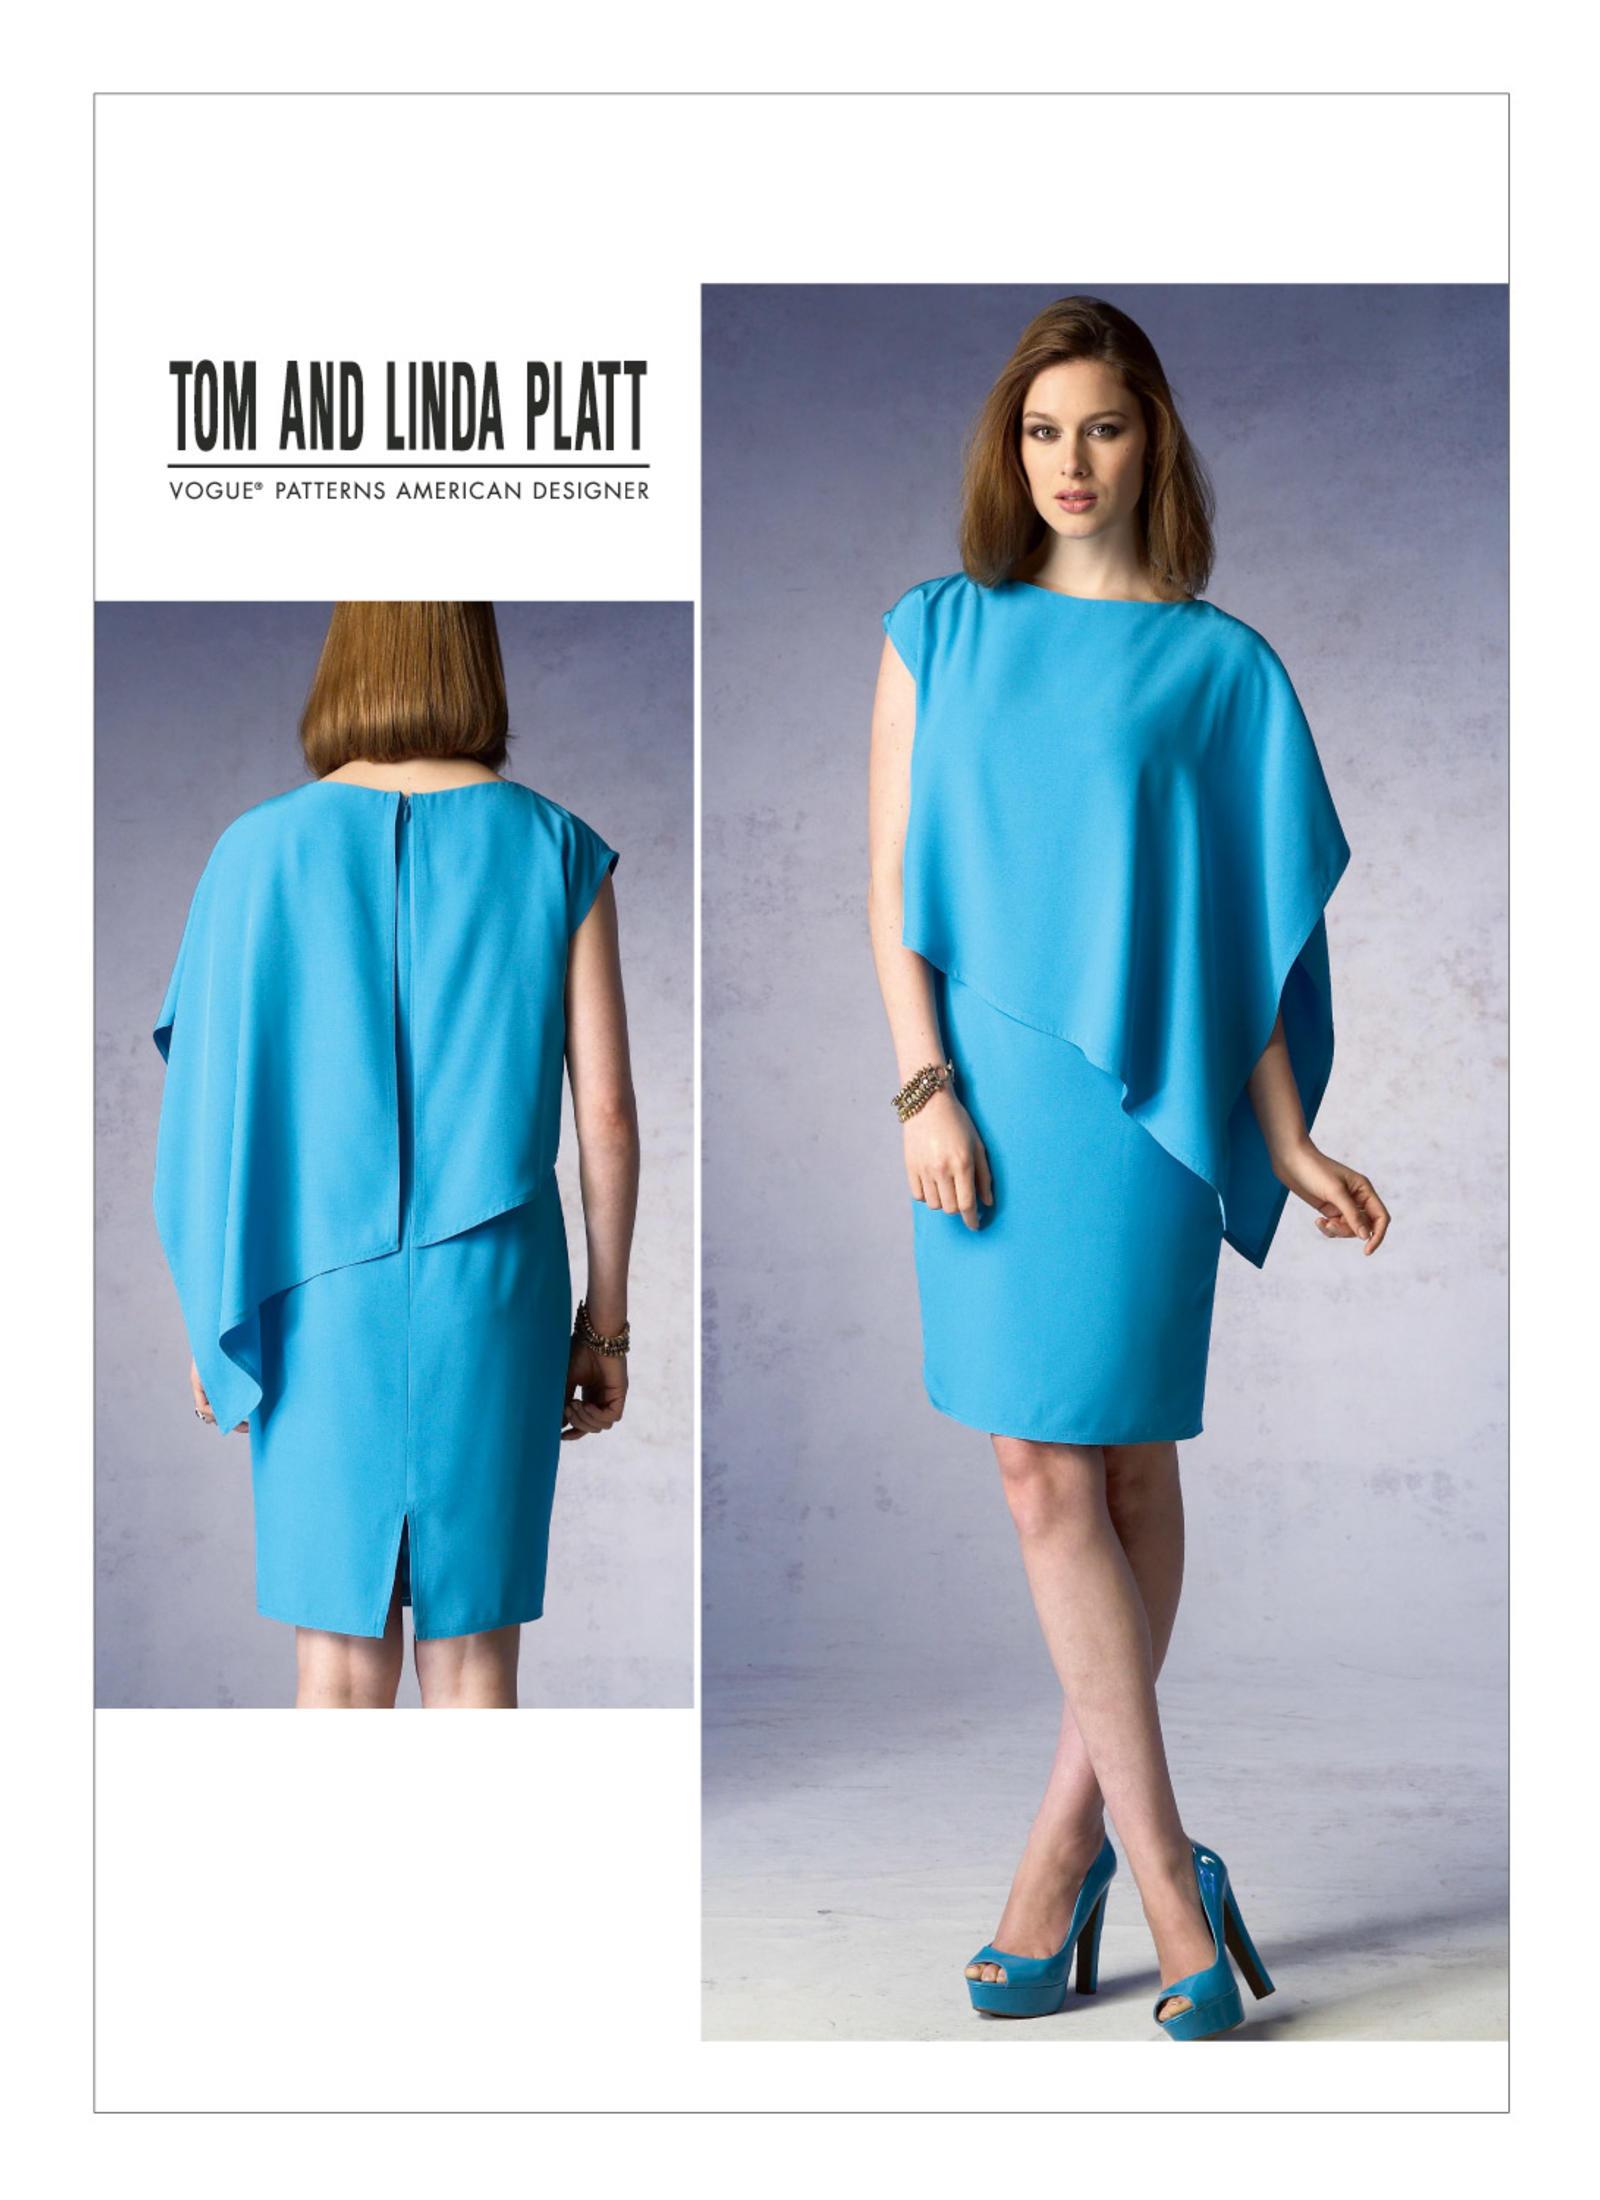 ลดราคา -- แพทเทิร์นตัดเดรสสตรี งานดีไซน์เนอร์ Vogue 1373 Size: 8-10-12-14-16